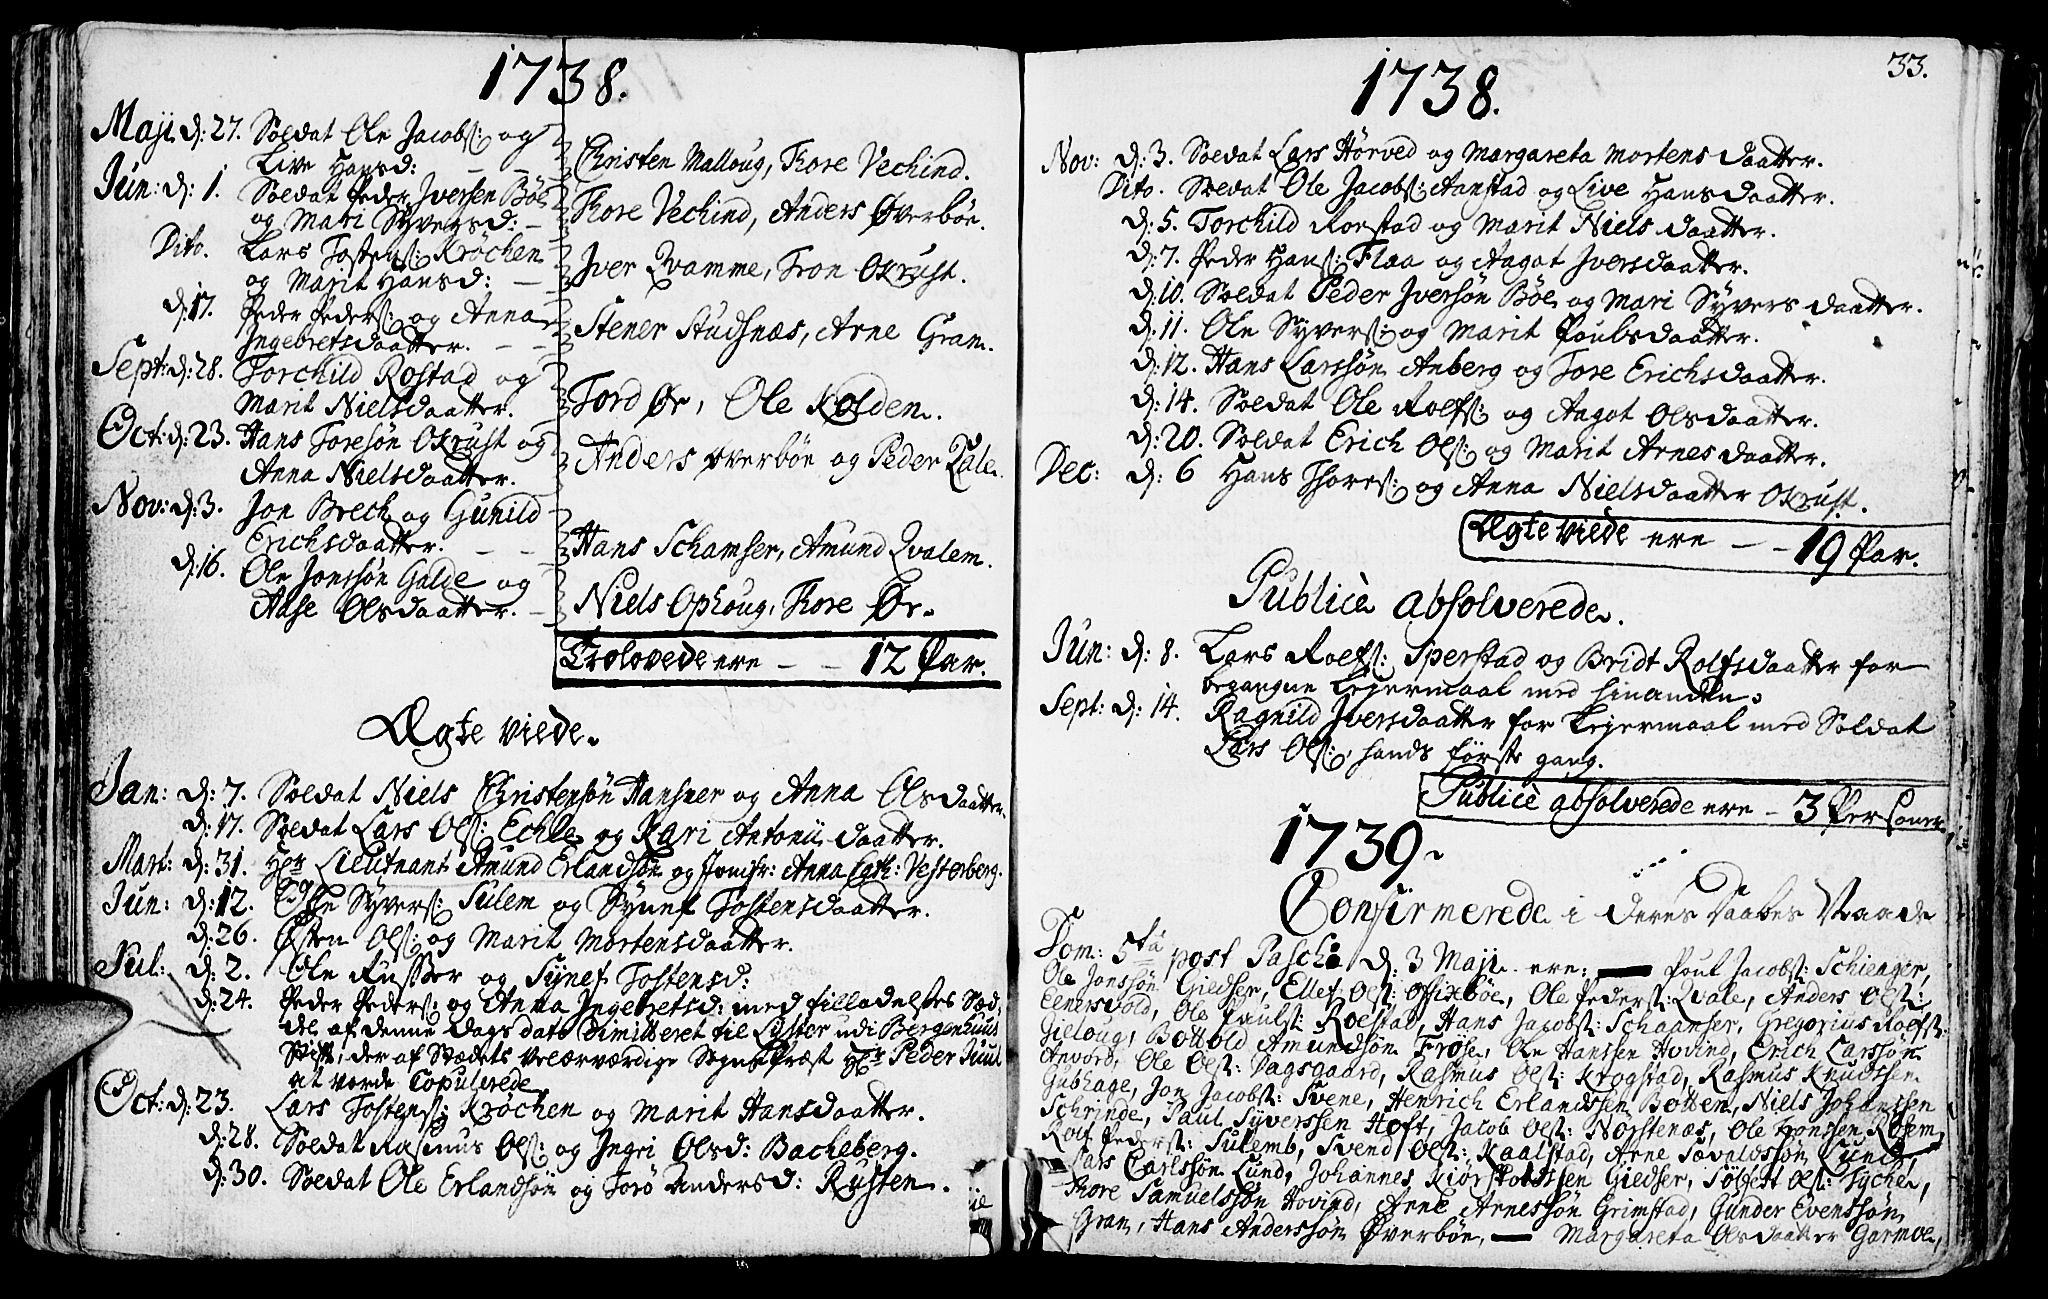 SAH, Lom prestekontor, K/L0001: Ministerialbok nr. 1, 1733-1748, s. 33